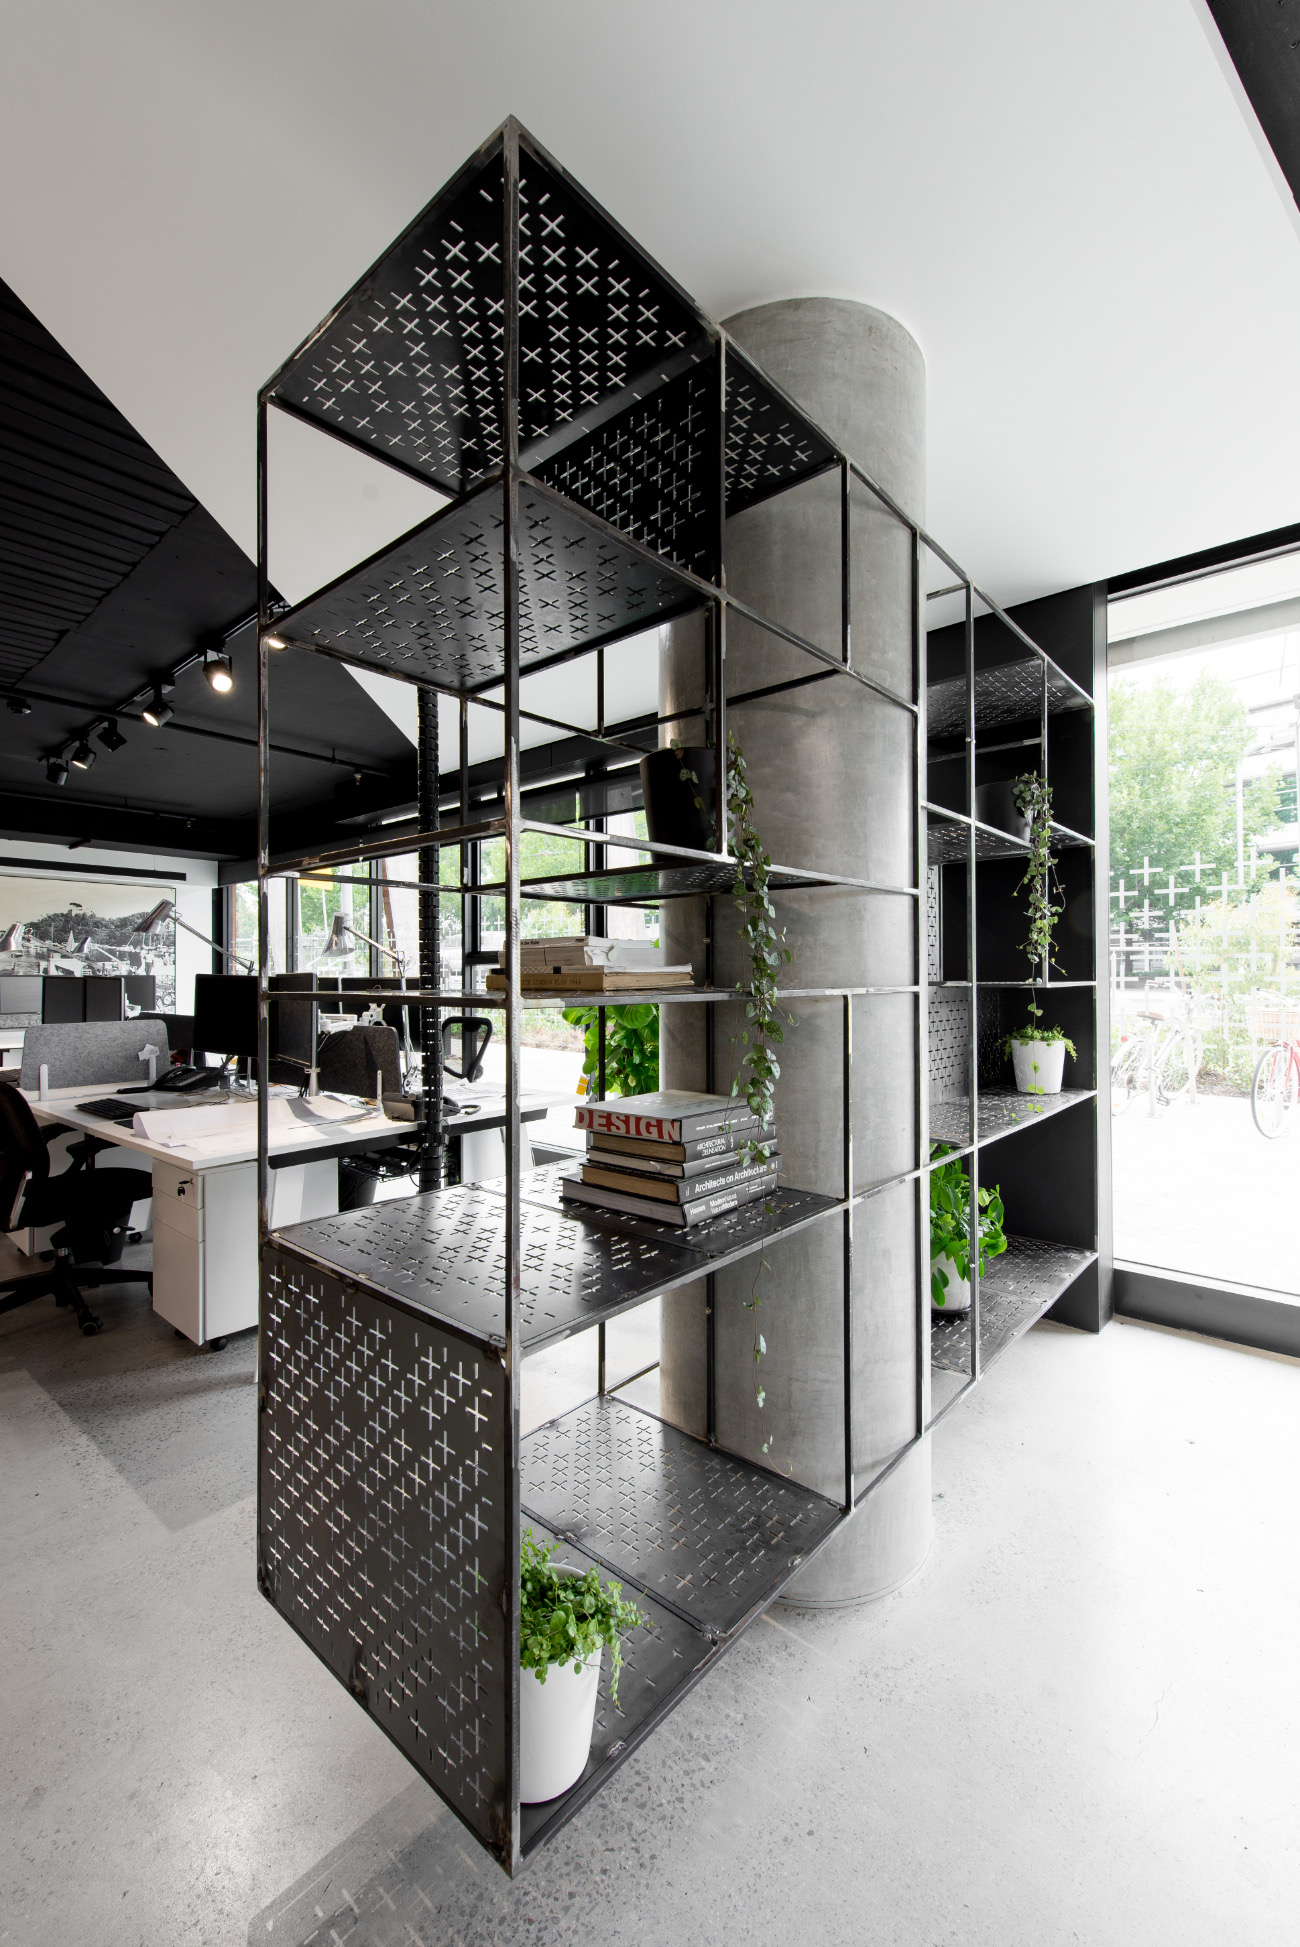 sgks-studio-office-3